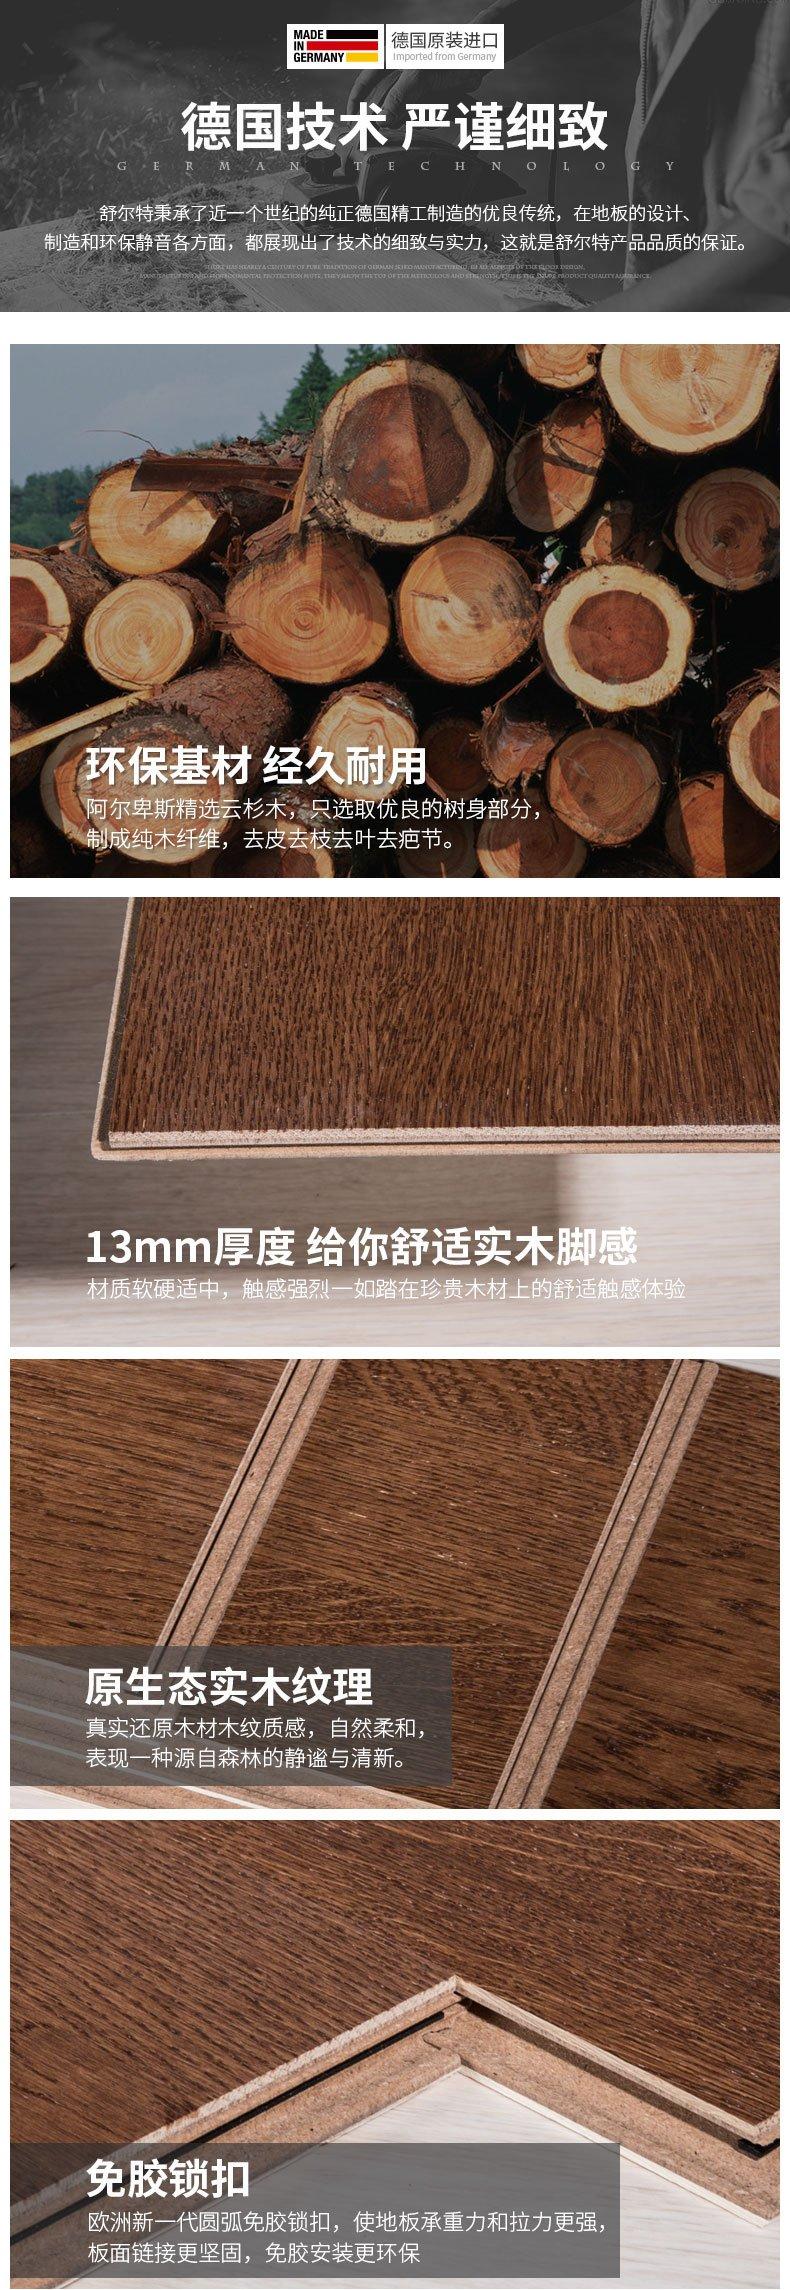 必美实木复合橡木地板效果图大全_4